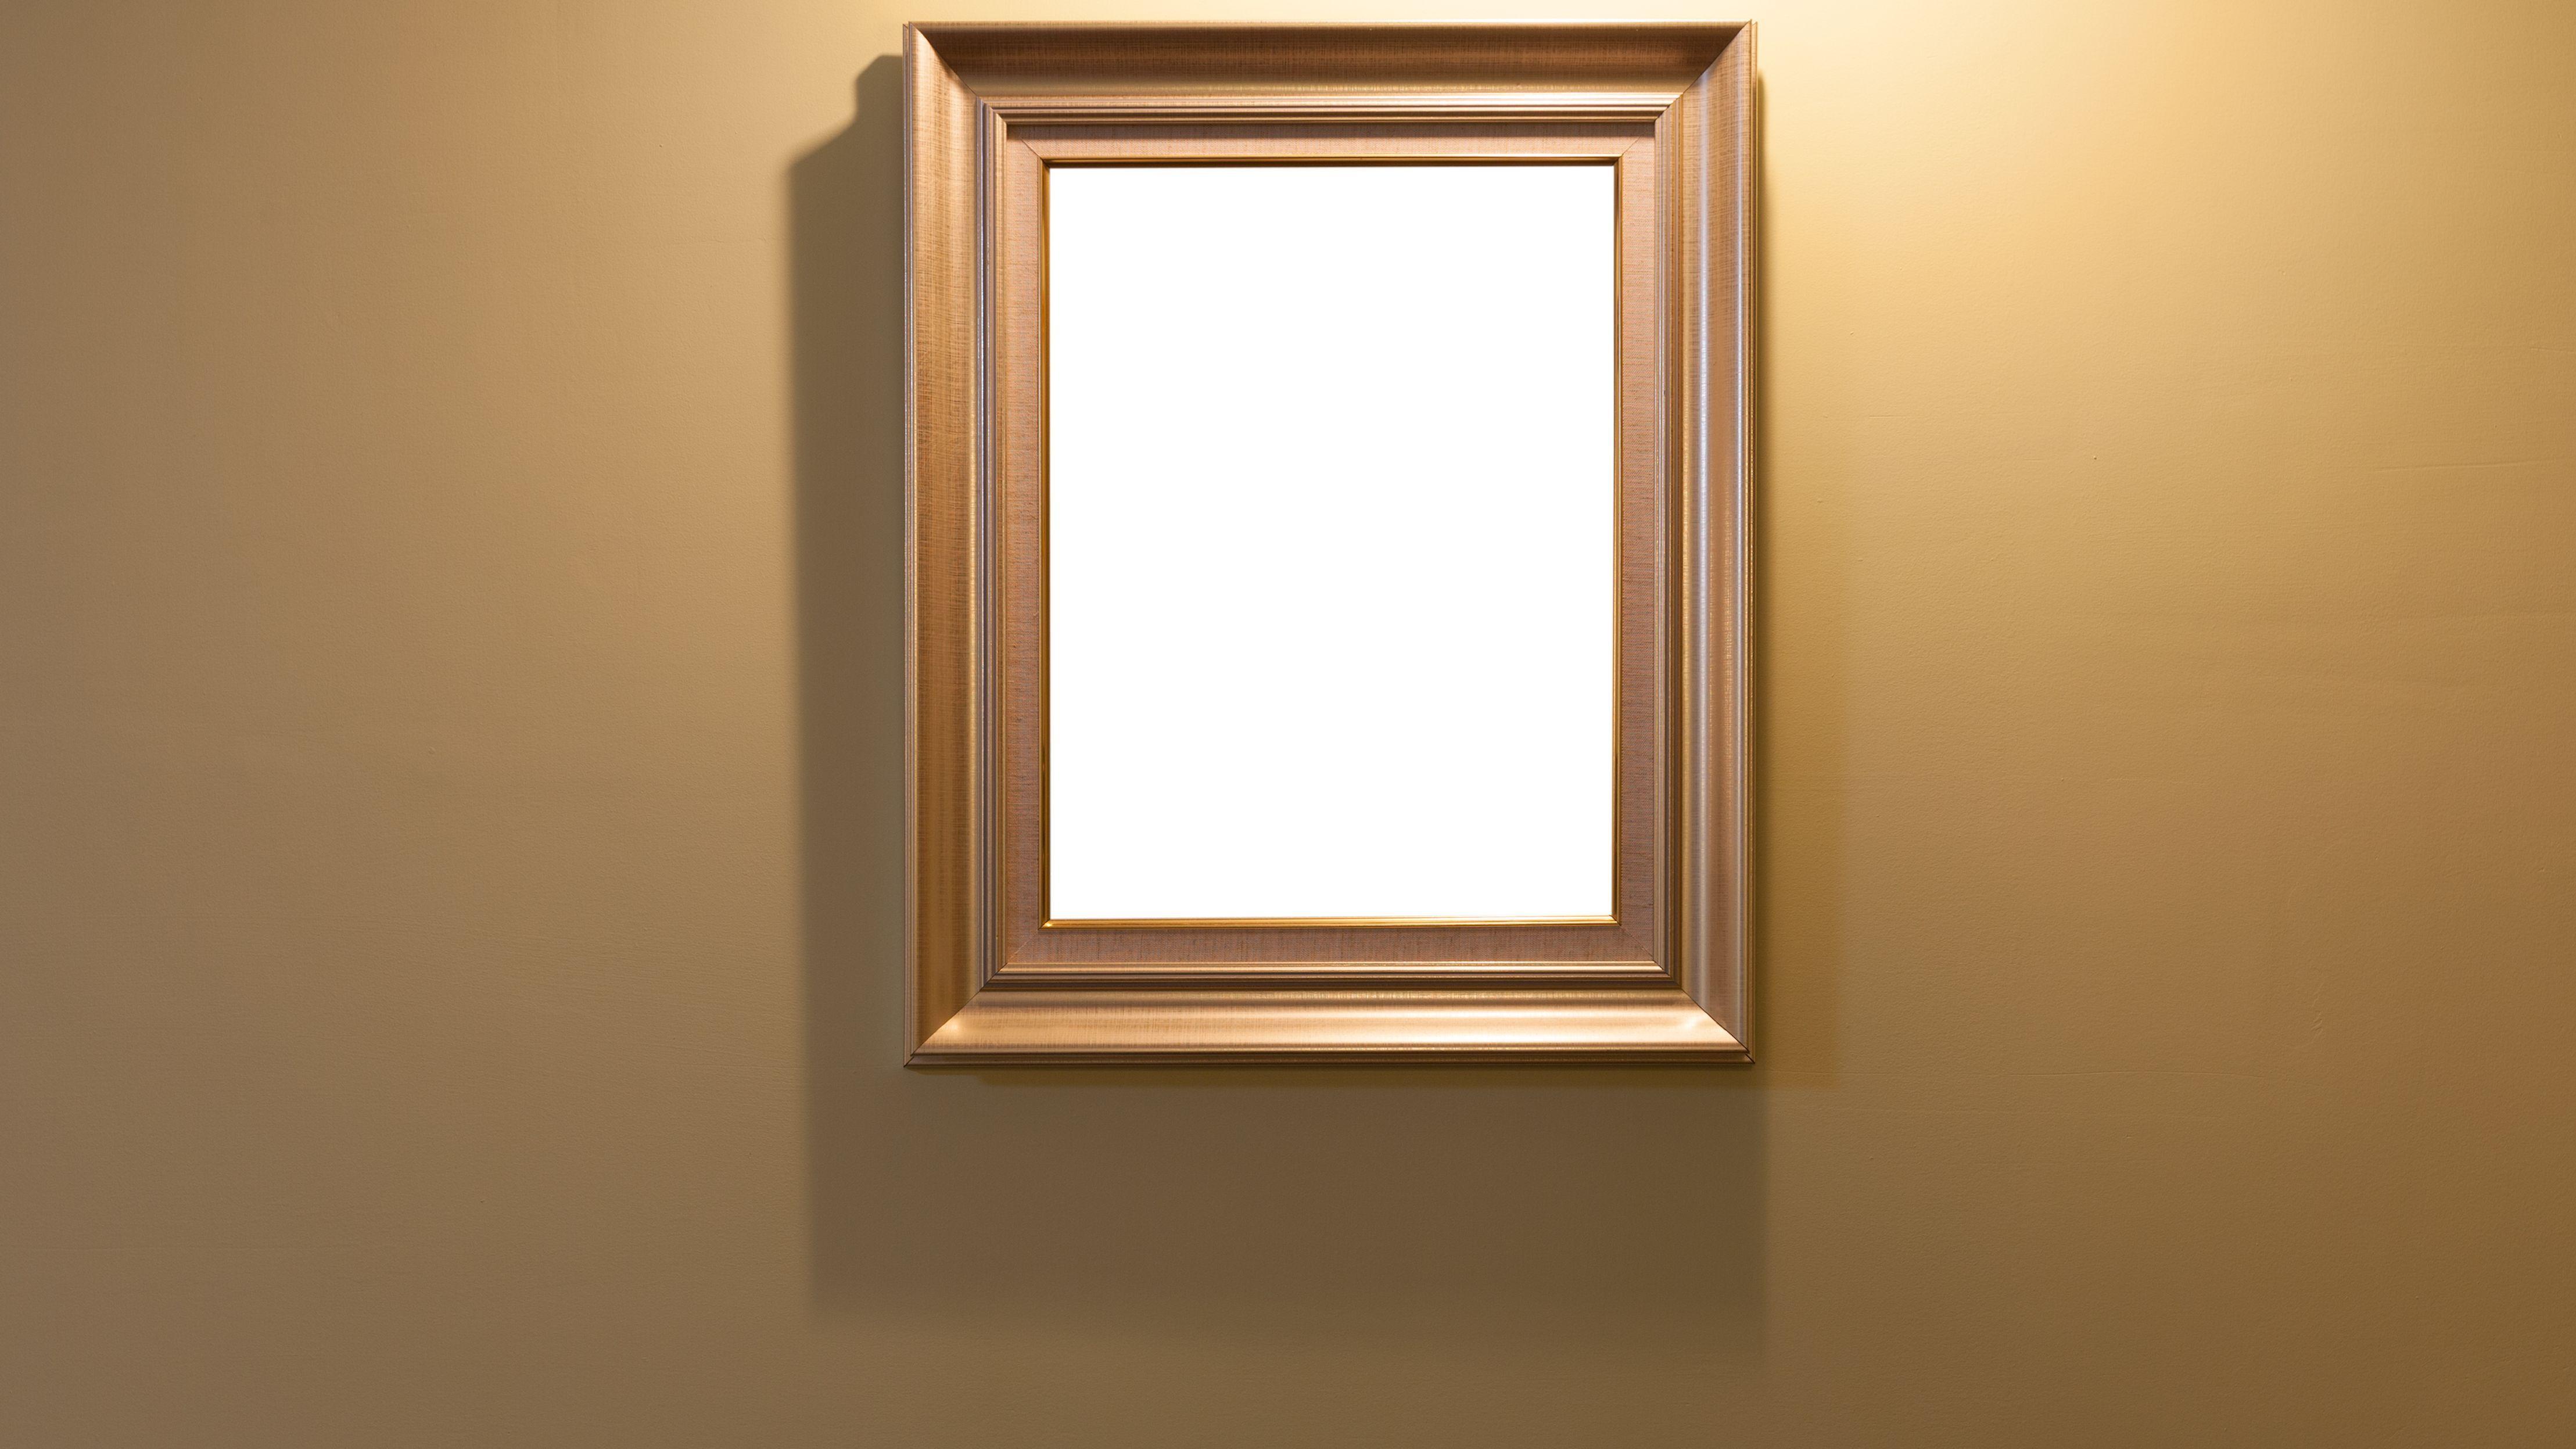 Comment éclairer  un cadre, un tableau ou un miroir